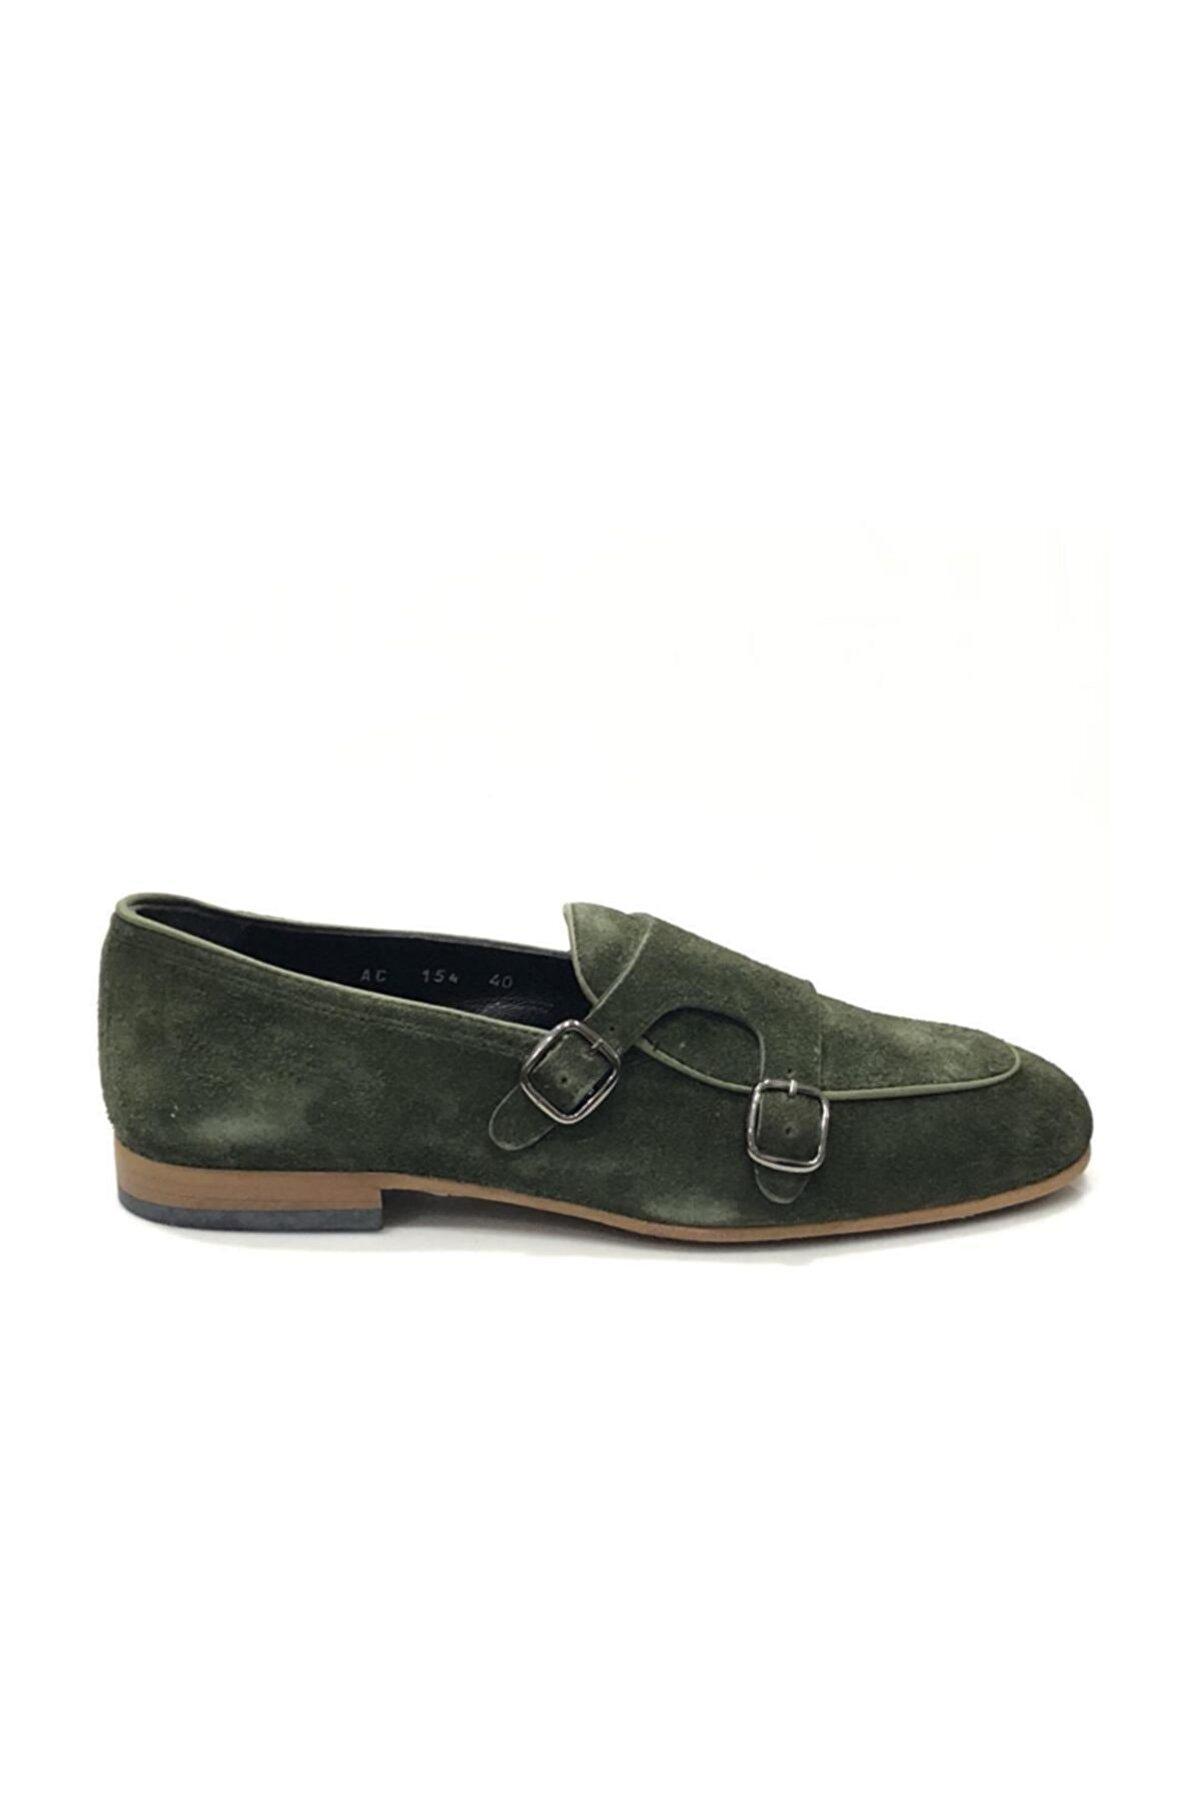 Tetri Haki Süet Klasik Ayakkabı